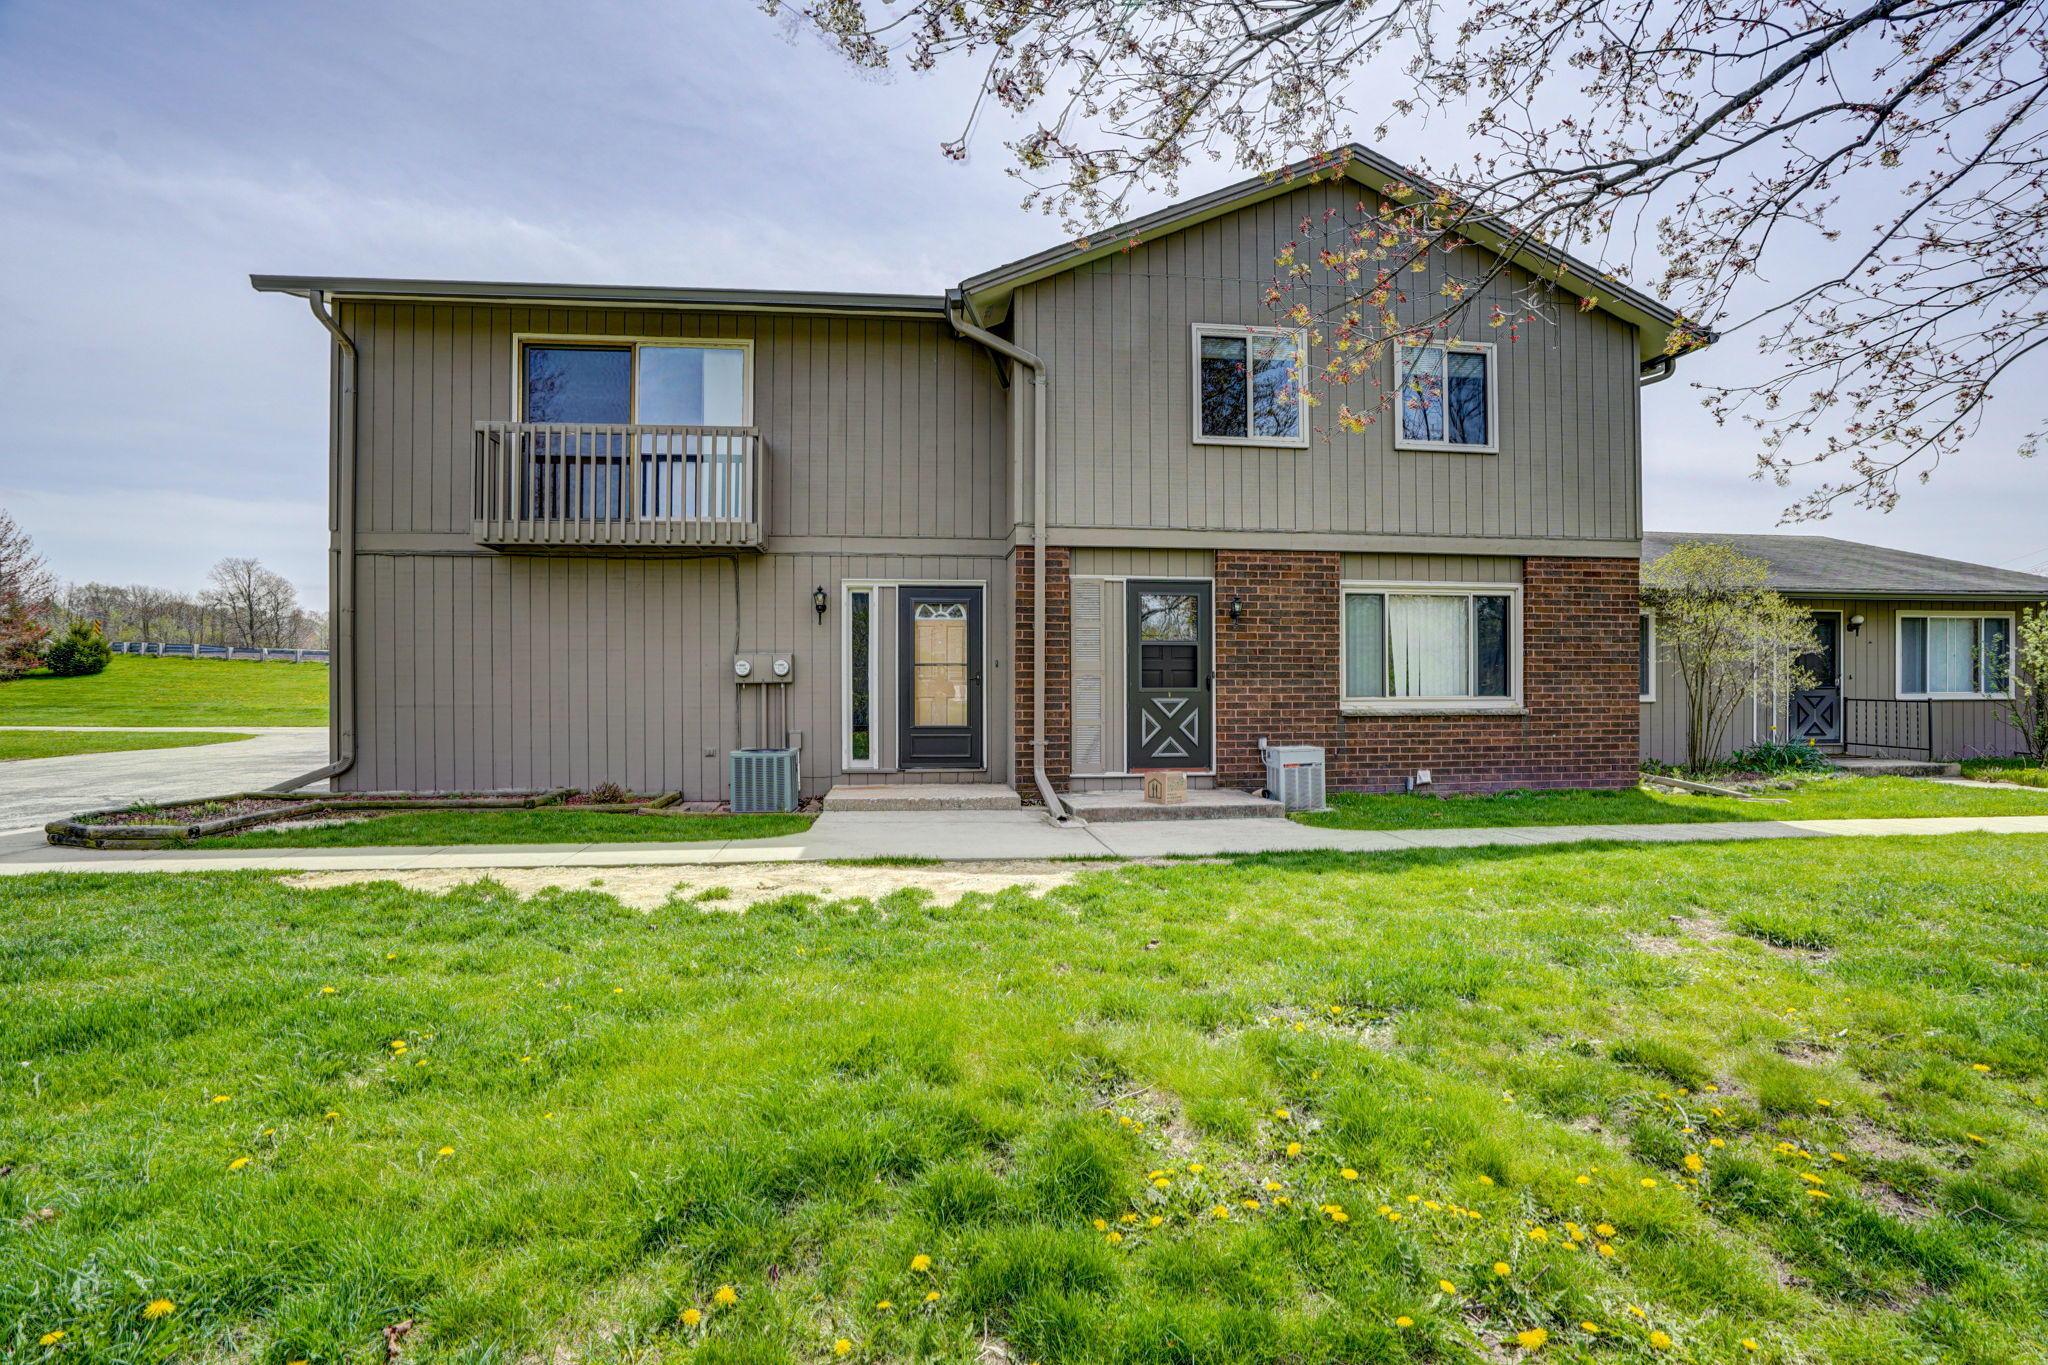 W1104 Miramar Rd, East Troy, Wisconsin 53120, 2 Bedrooms Bedrooms, ,1 BathroomBathrooms,Condominiums,For Sale,Miramar Rd,2,1687435